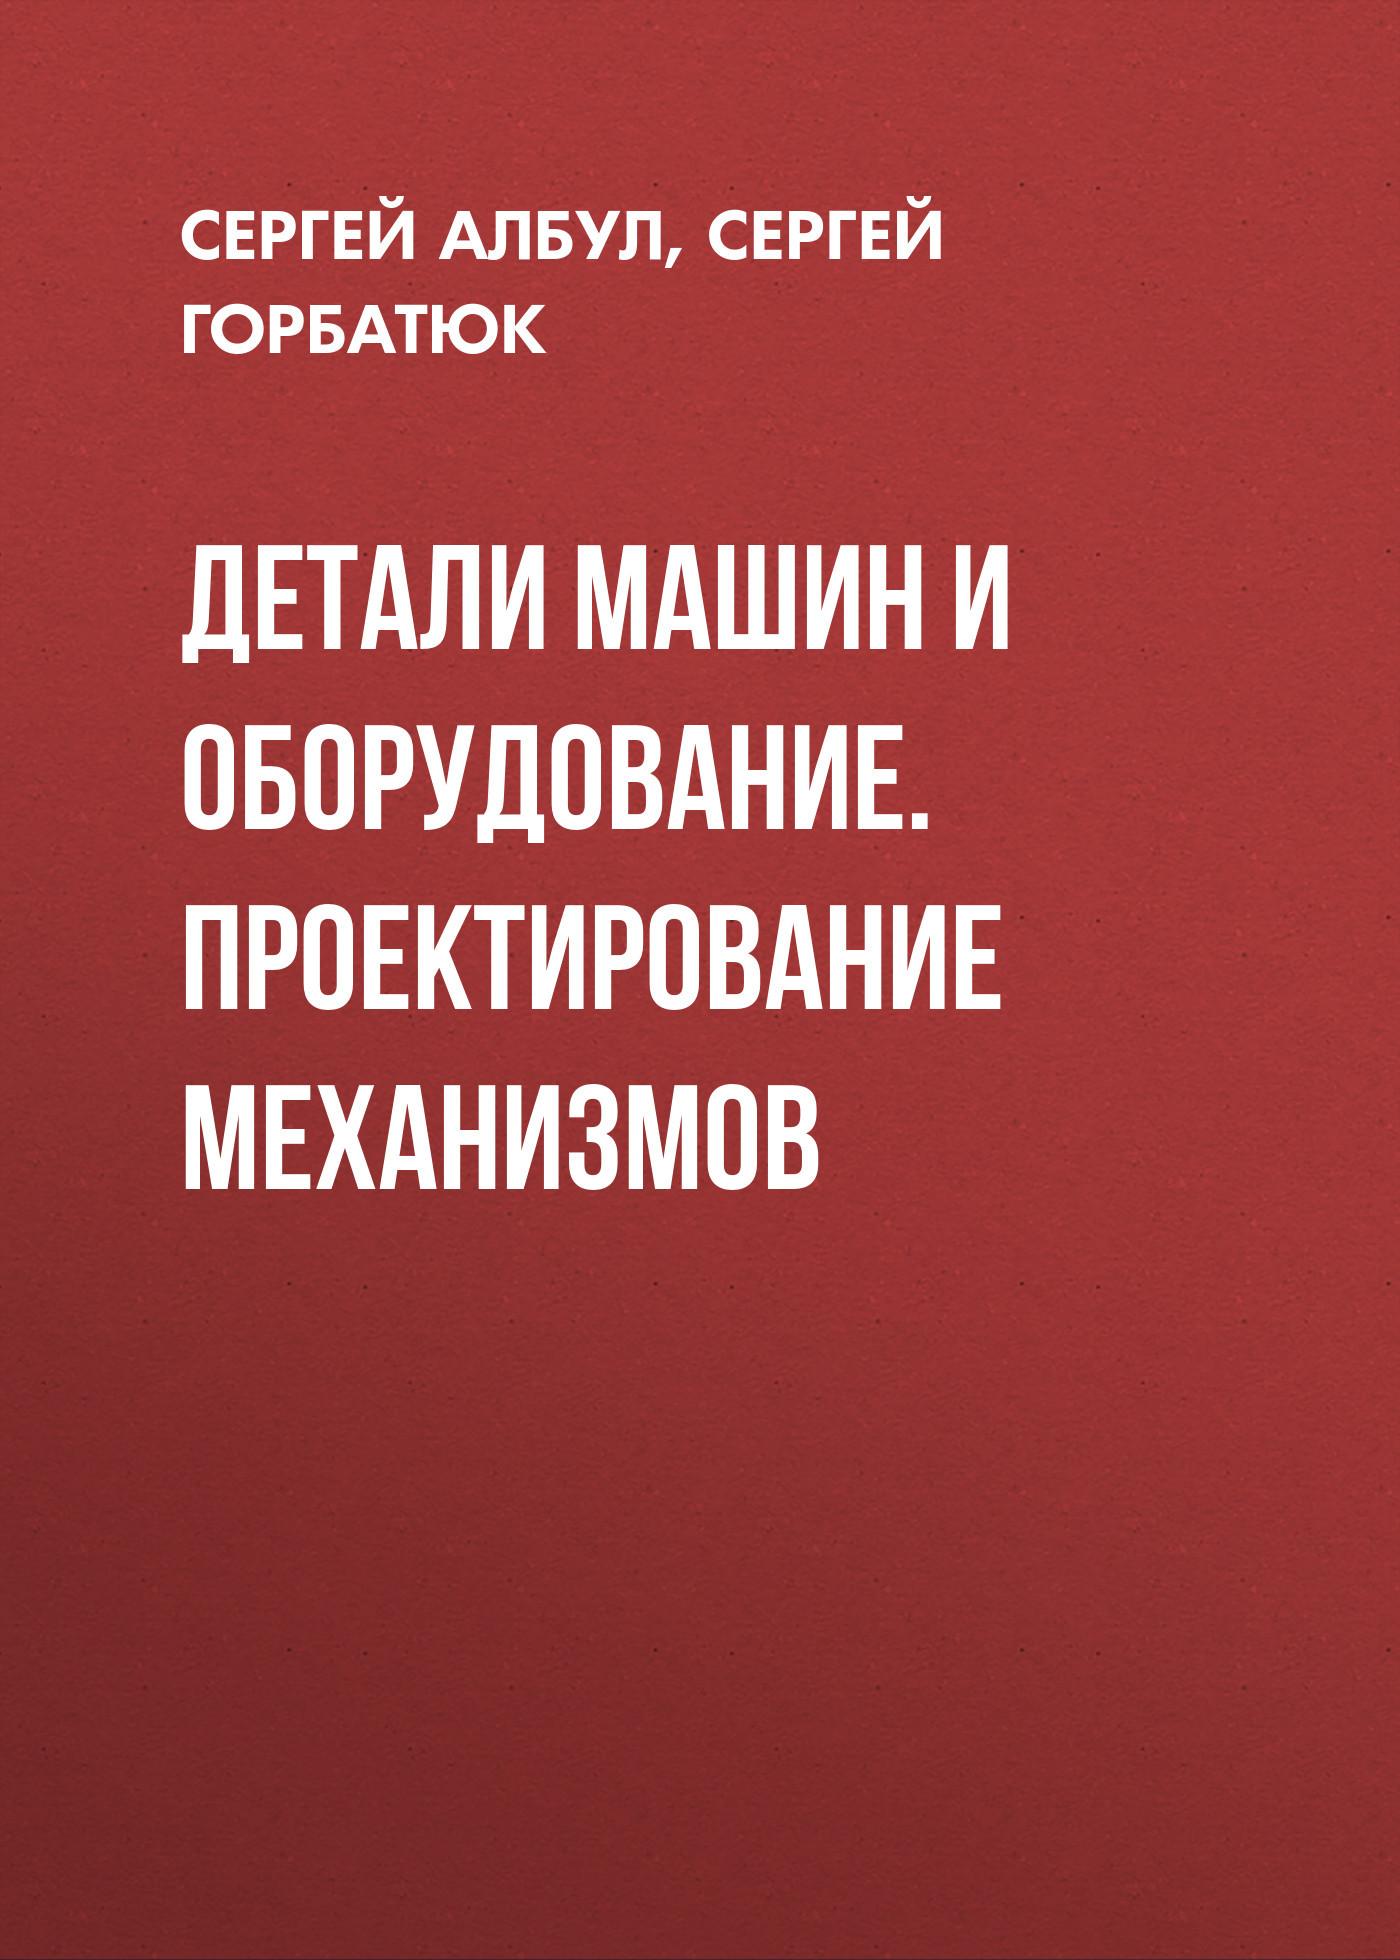 Сергей Горбатюк Детали машин и оборудование. Проектирование механизмов